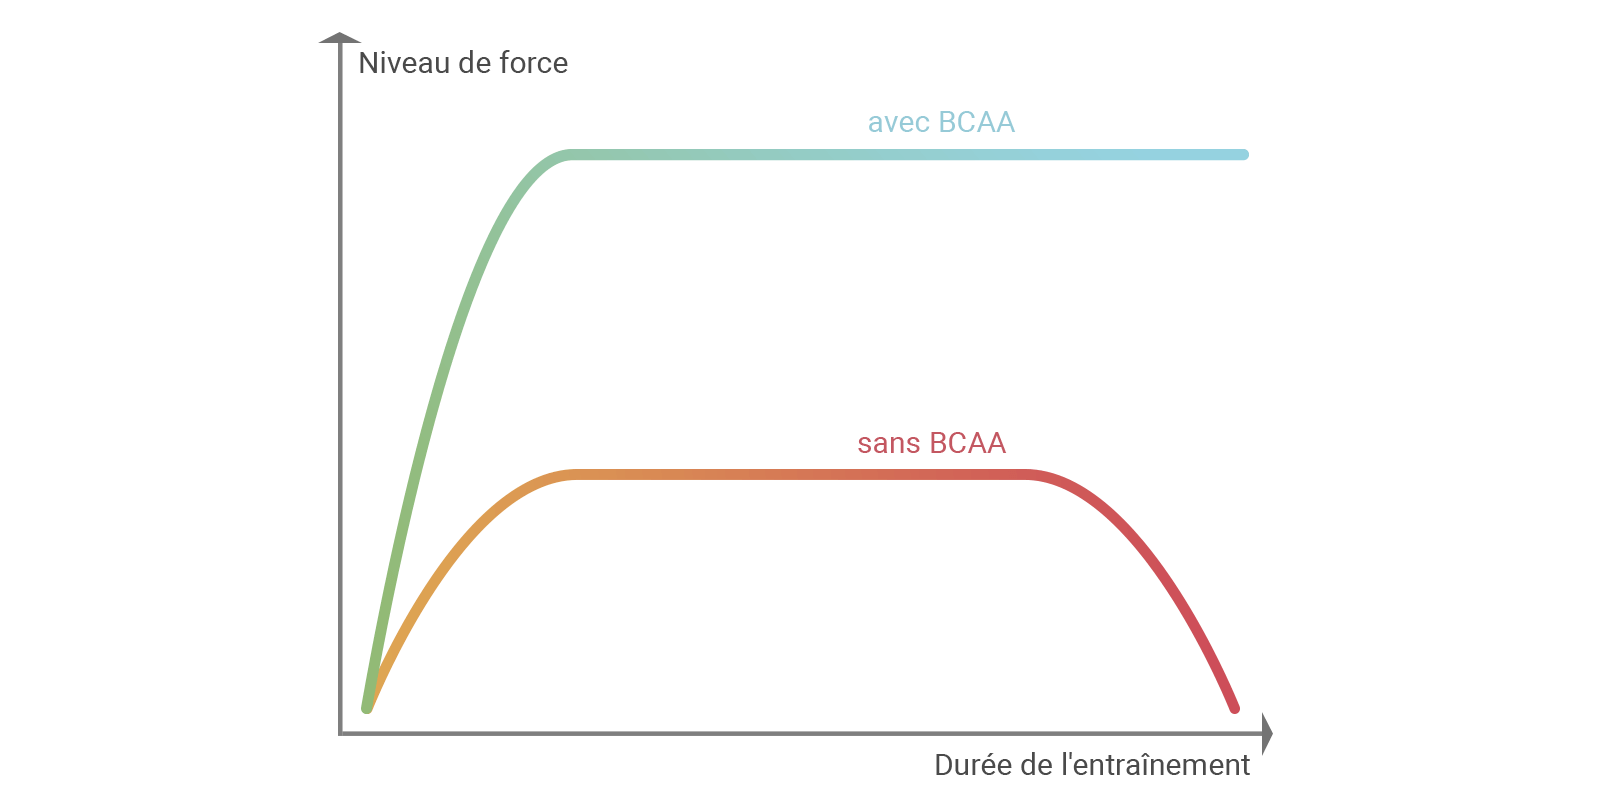 Diagramme de performance avec ou sans BCAA